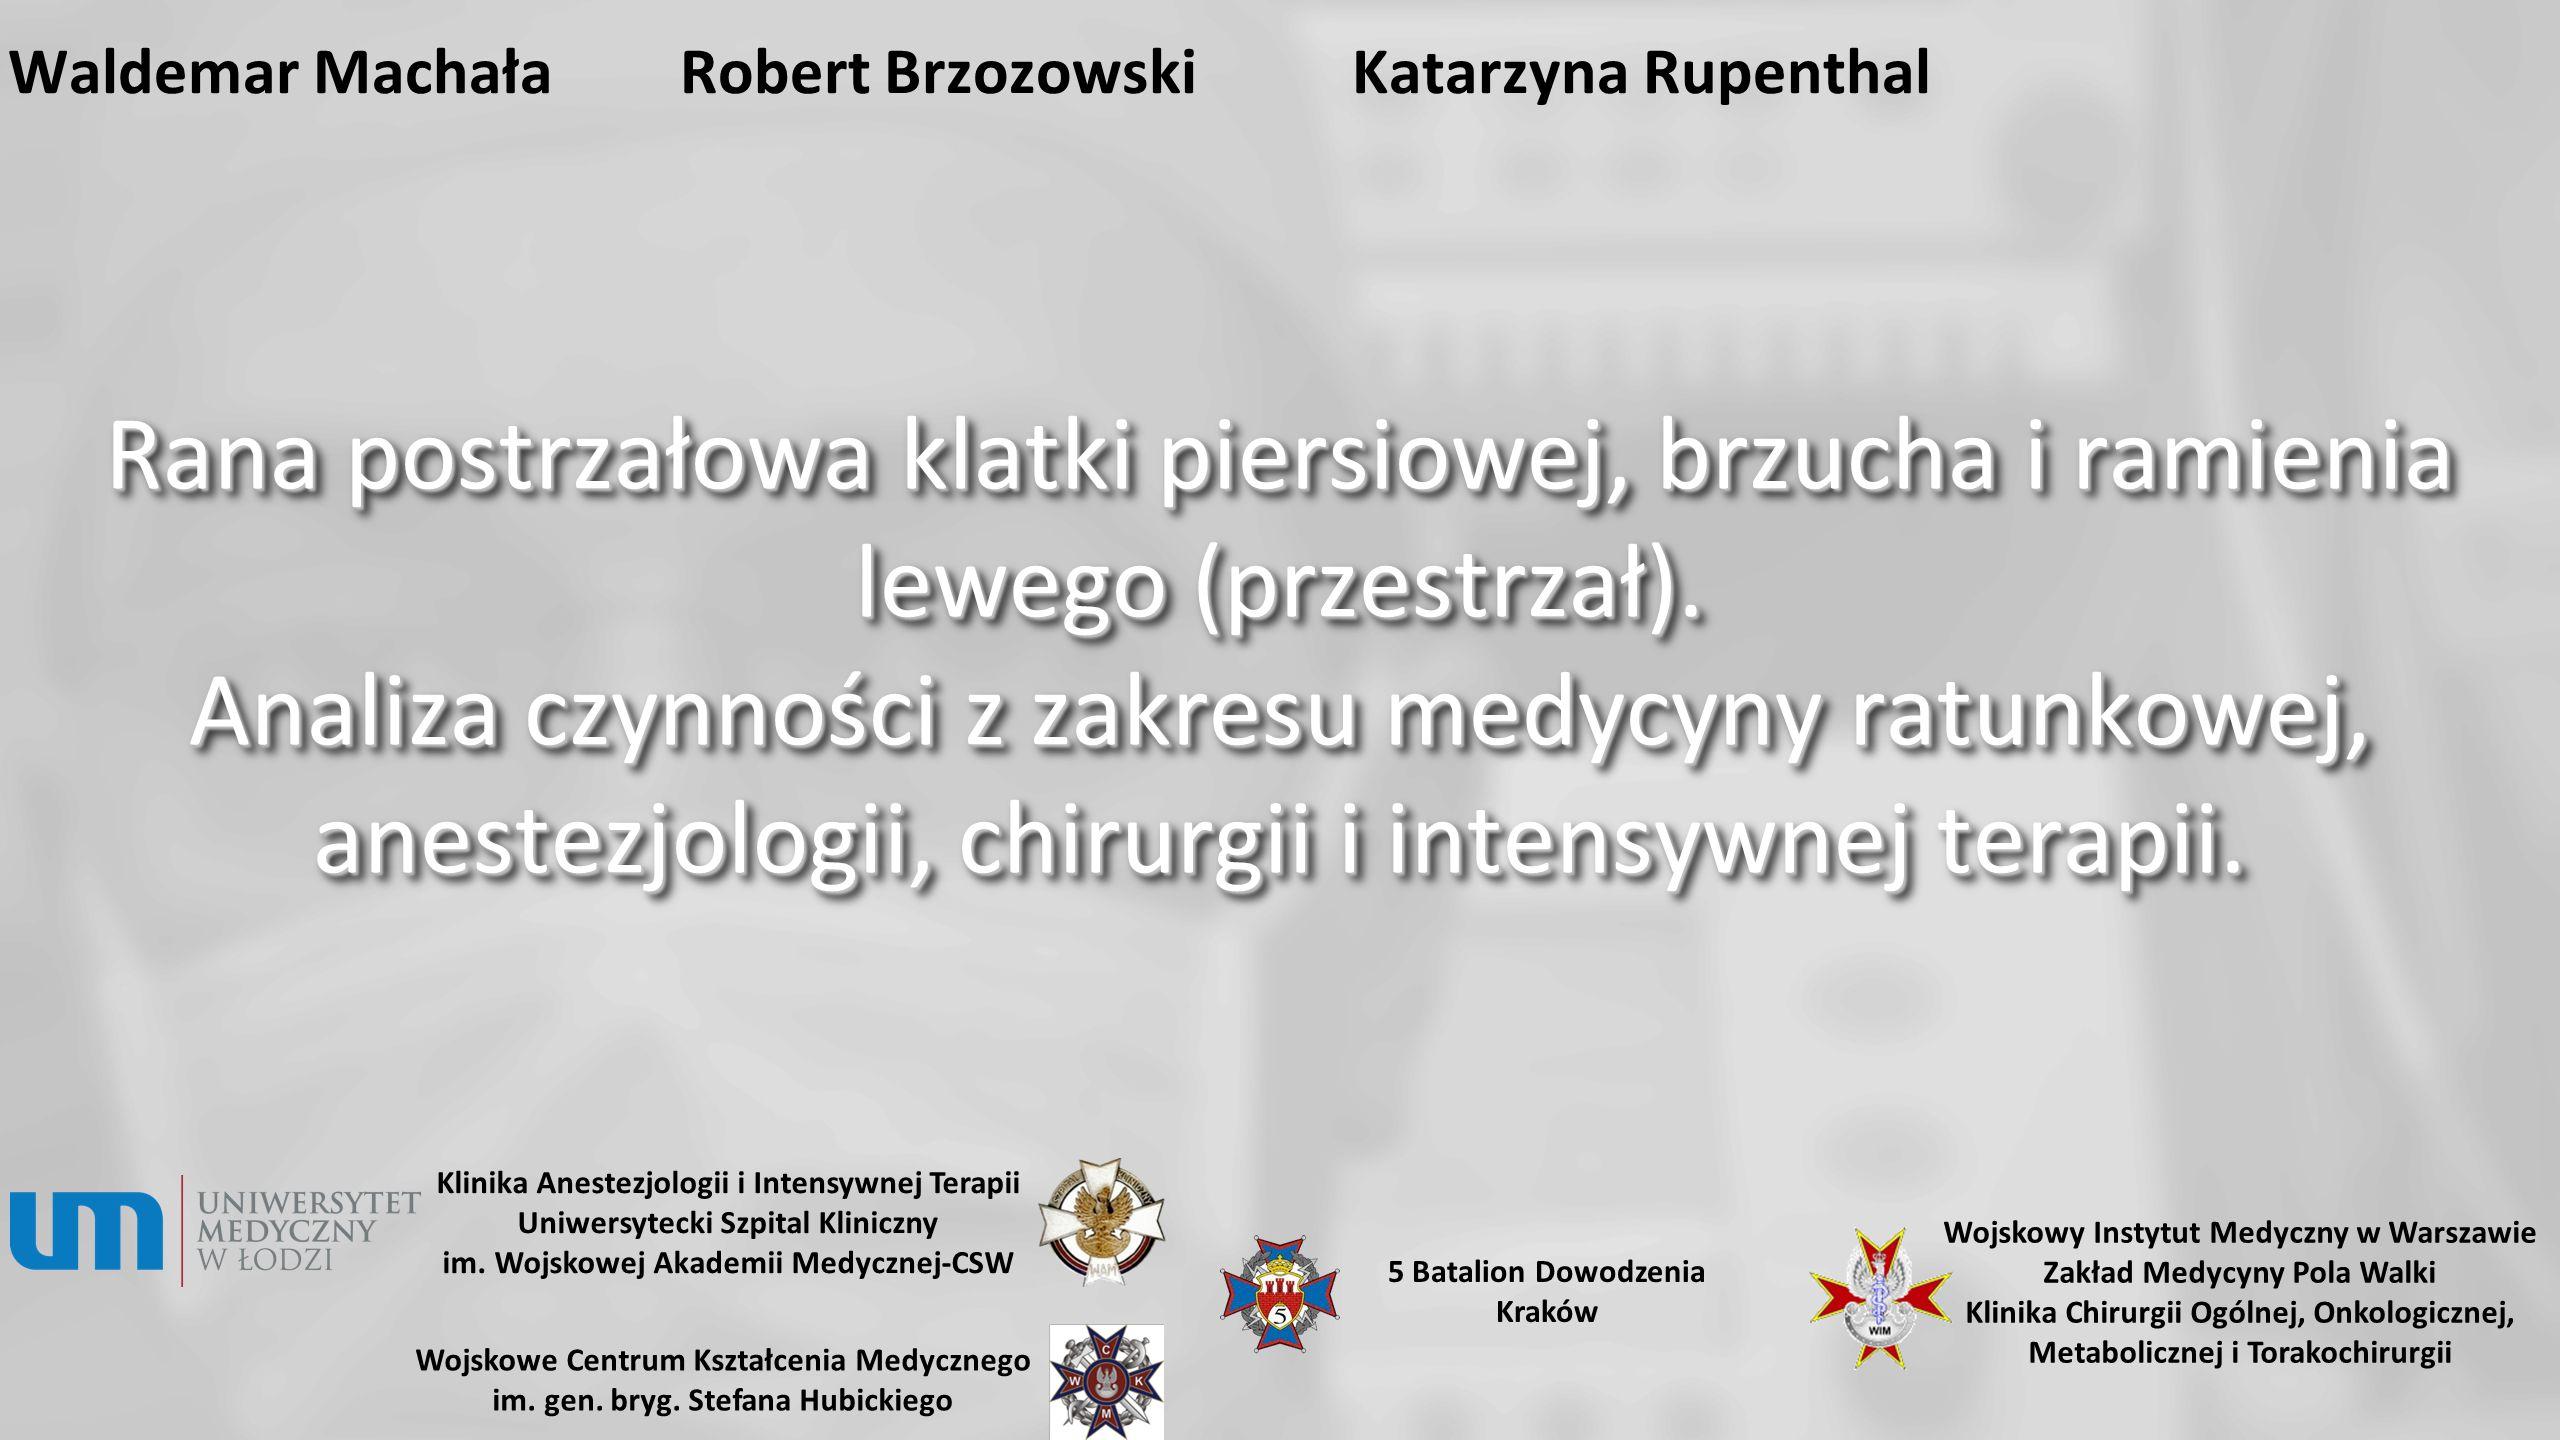 Waldemar MachałaRobert BrzozowskiKatarzyna Rupenthal Rana postrzałowa klatki piersiowej, brzucha i ramienia lewego (przestrzał). Analiza czynności z z